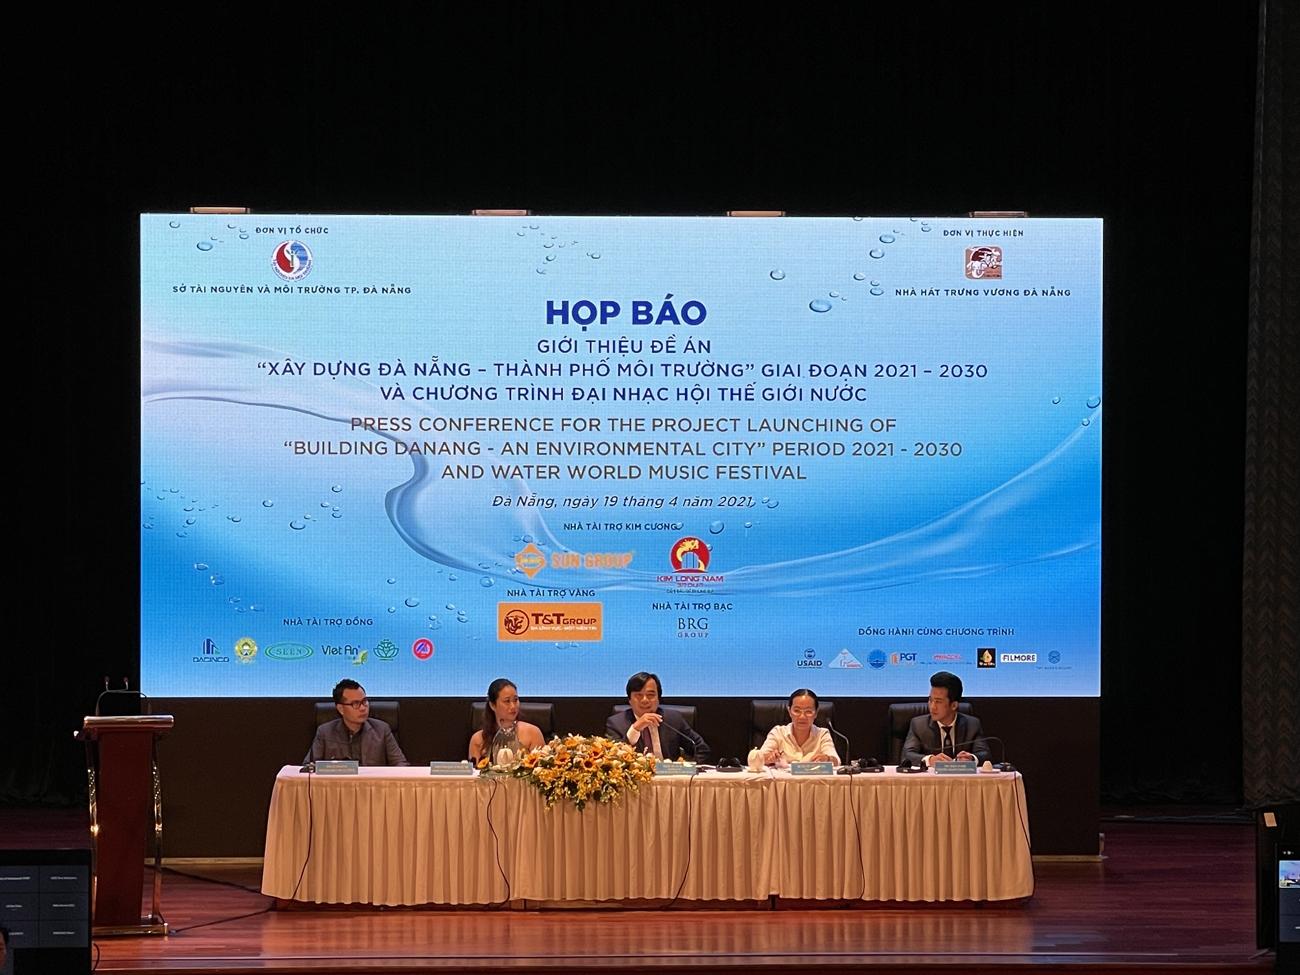 Đà Nẵng: Dùng 15.000 tỷ đồng để thực hiện đề án xây dựng Thành phố môi trường giai đoạn 2021 - 2030